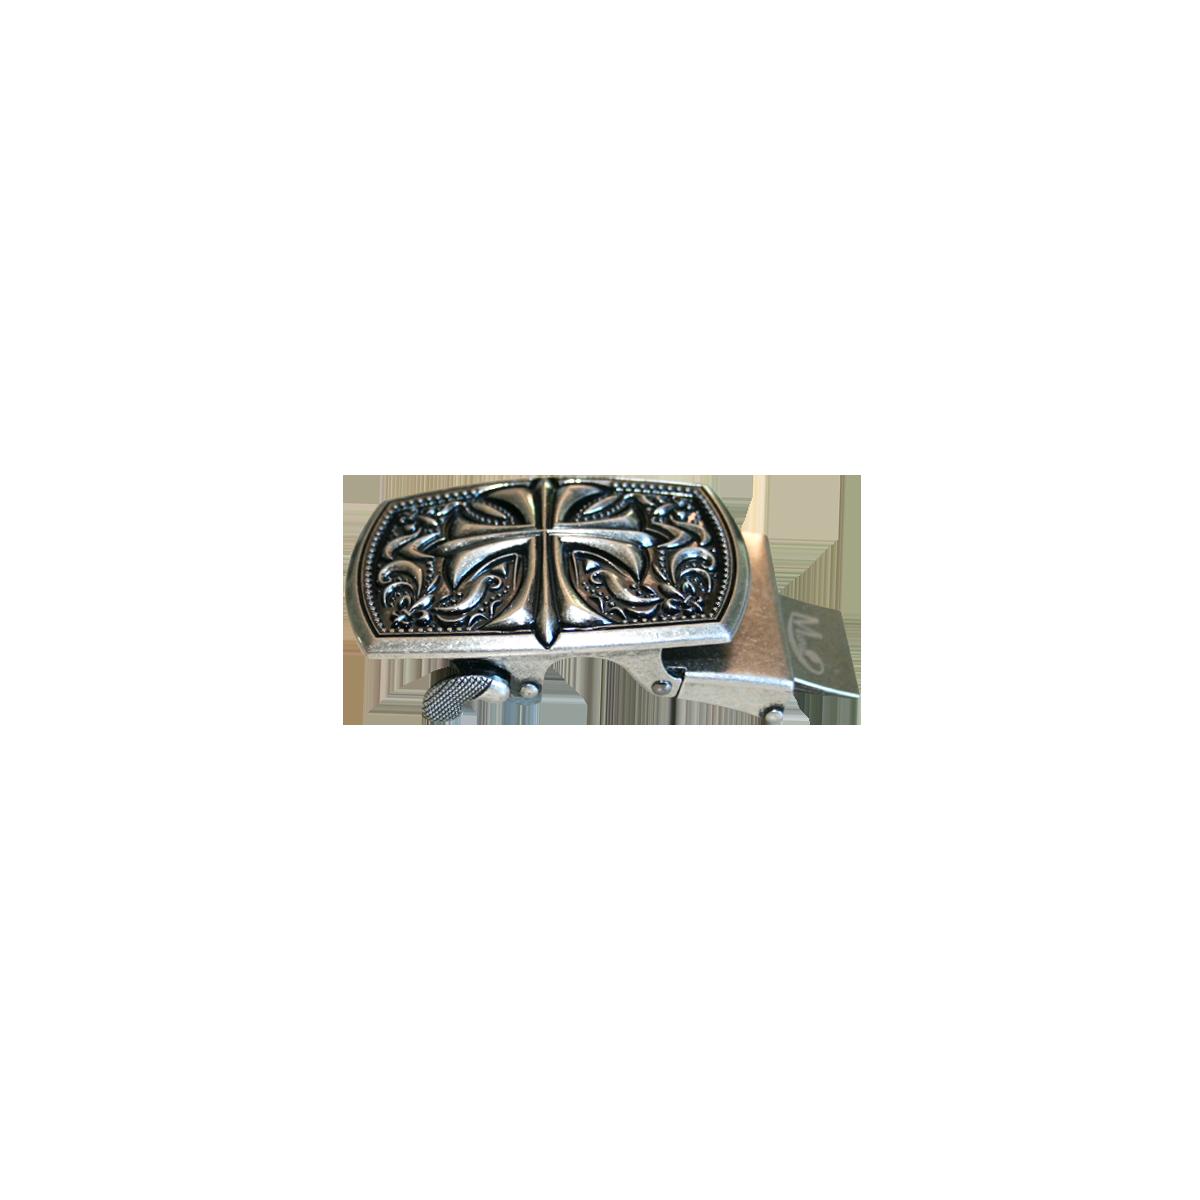 Boucle de ceinture homme Croix de Malte style ceinturon cadre acier